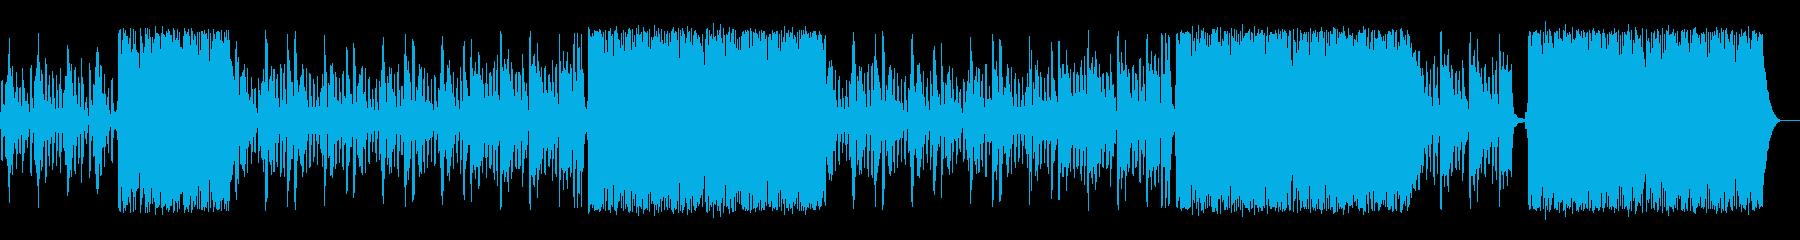 バイオリン/ヒップホップ/中東風/#3の再生済みの波形